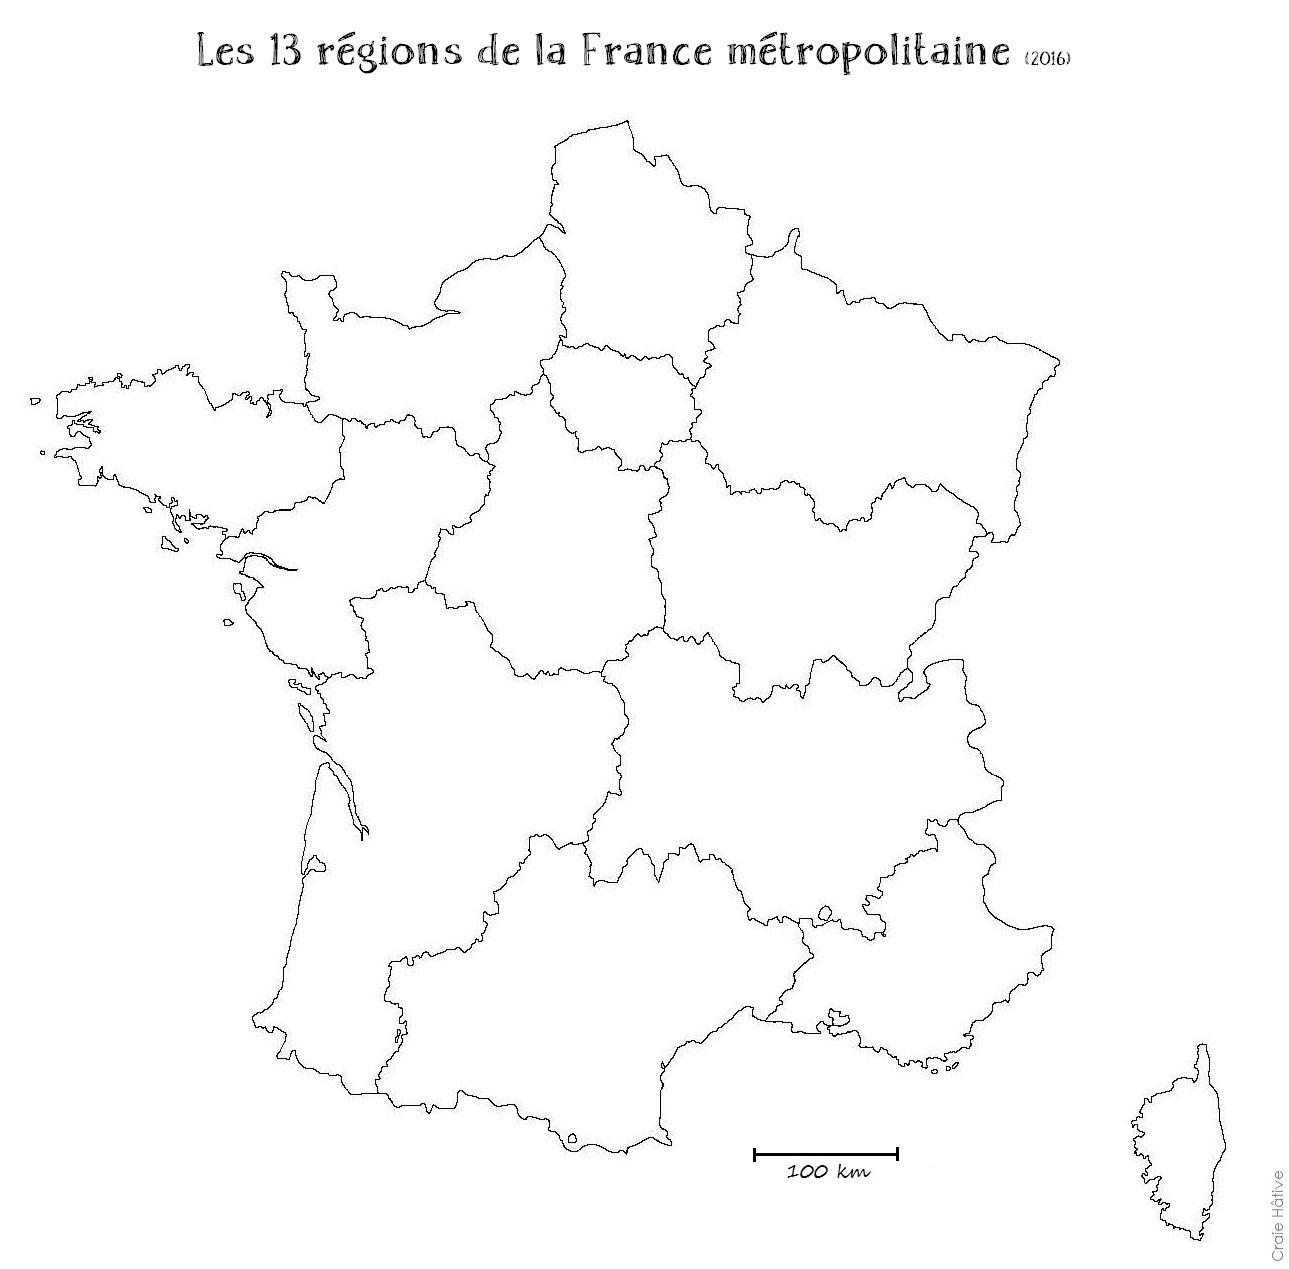 Ressources Numériques, Carte De France Vierge Nouvelles Régions à Carte De France Des Régions Vierge